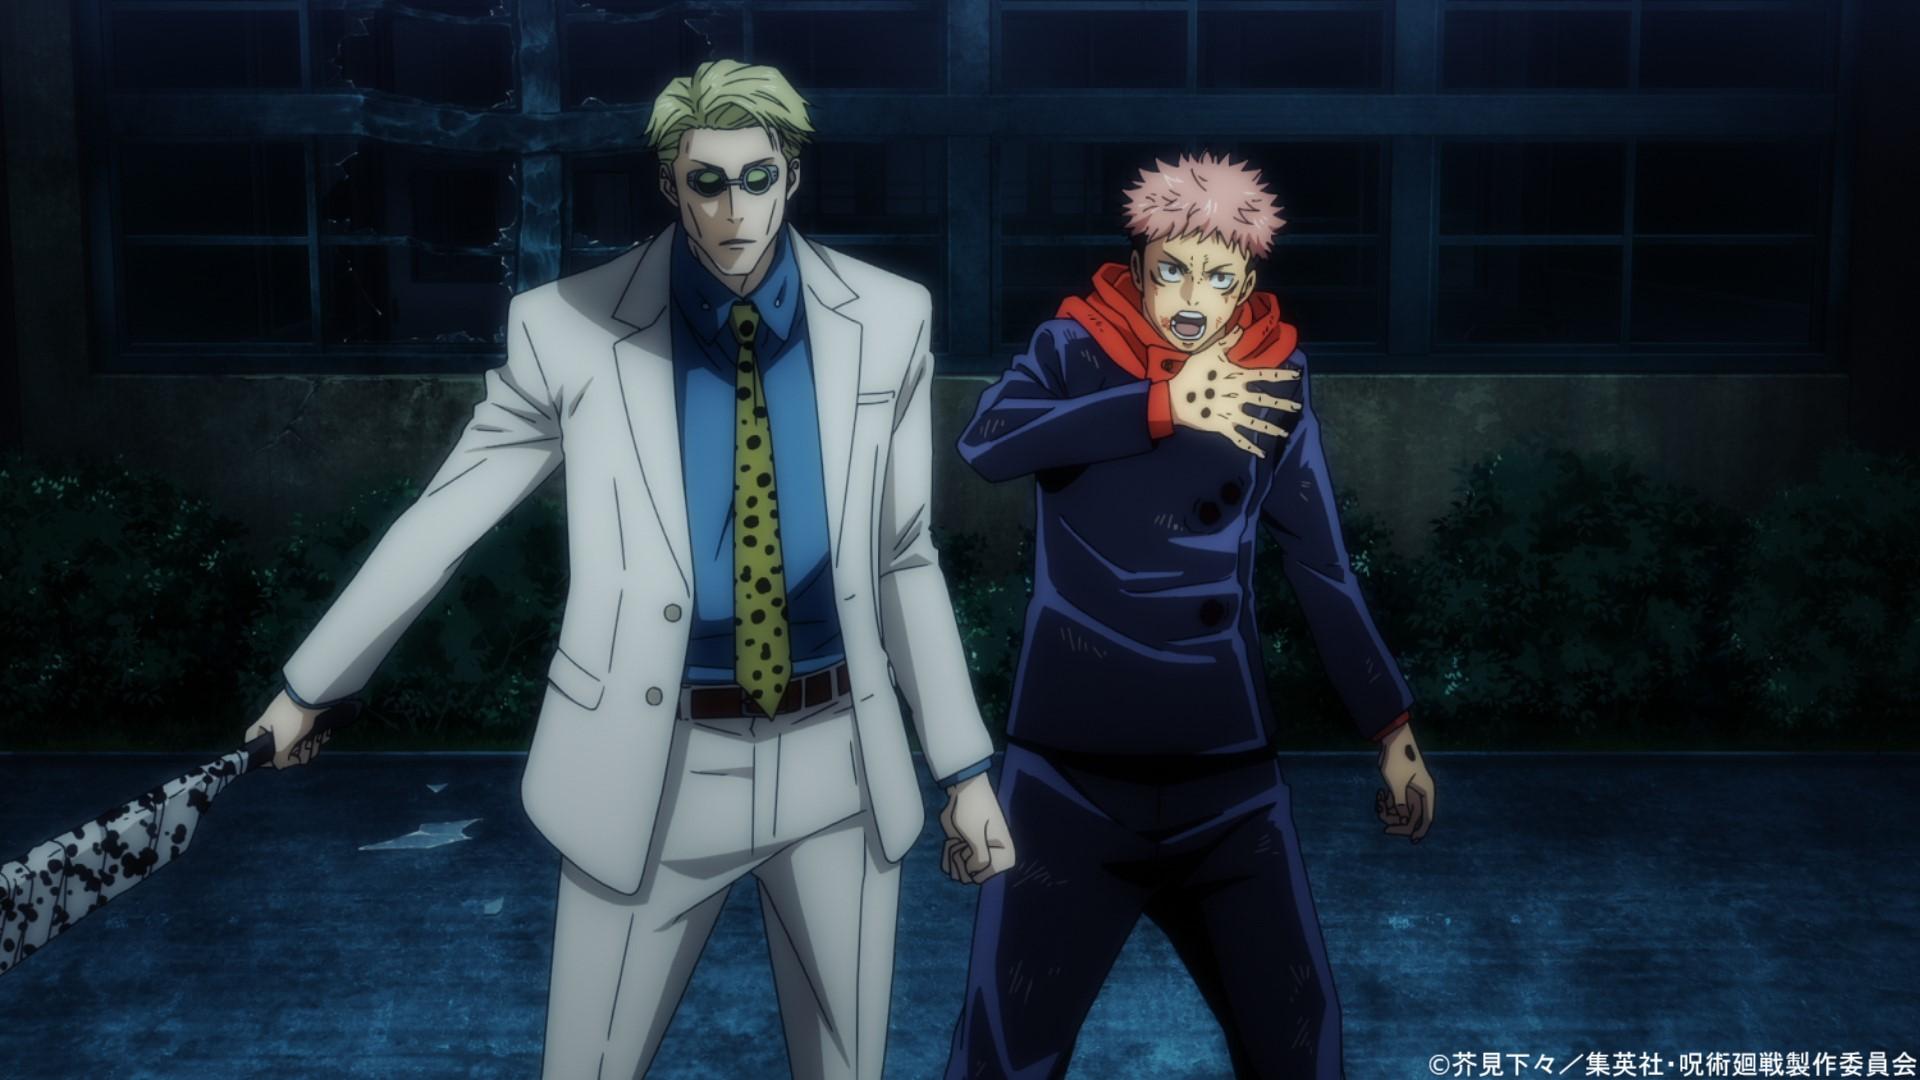 Sinopsis Jujutsu Kaisen Episode 13